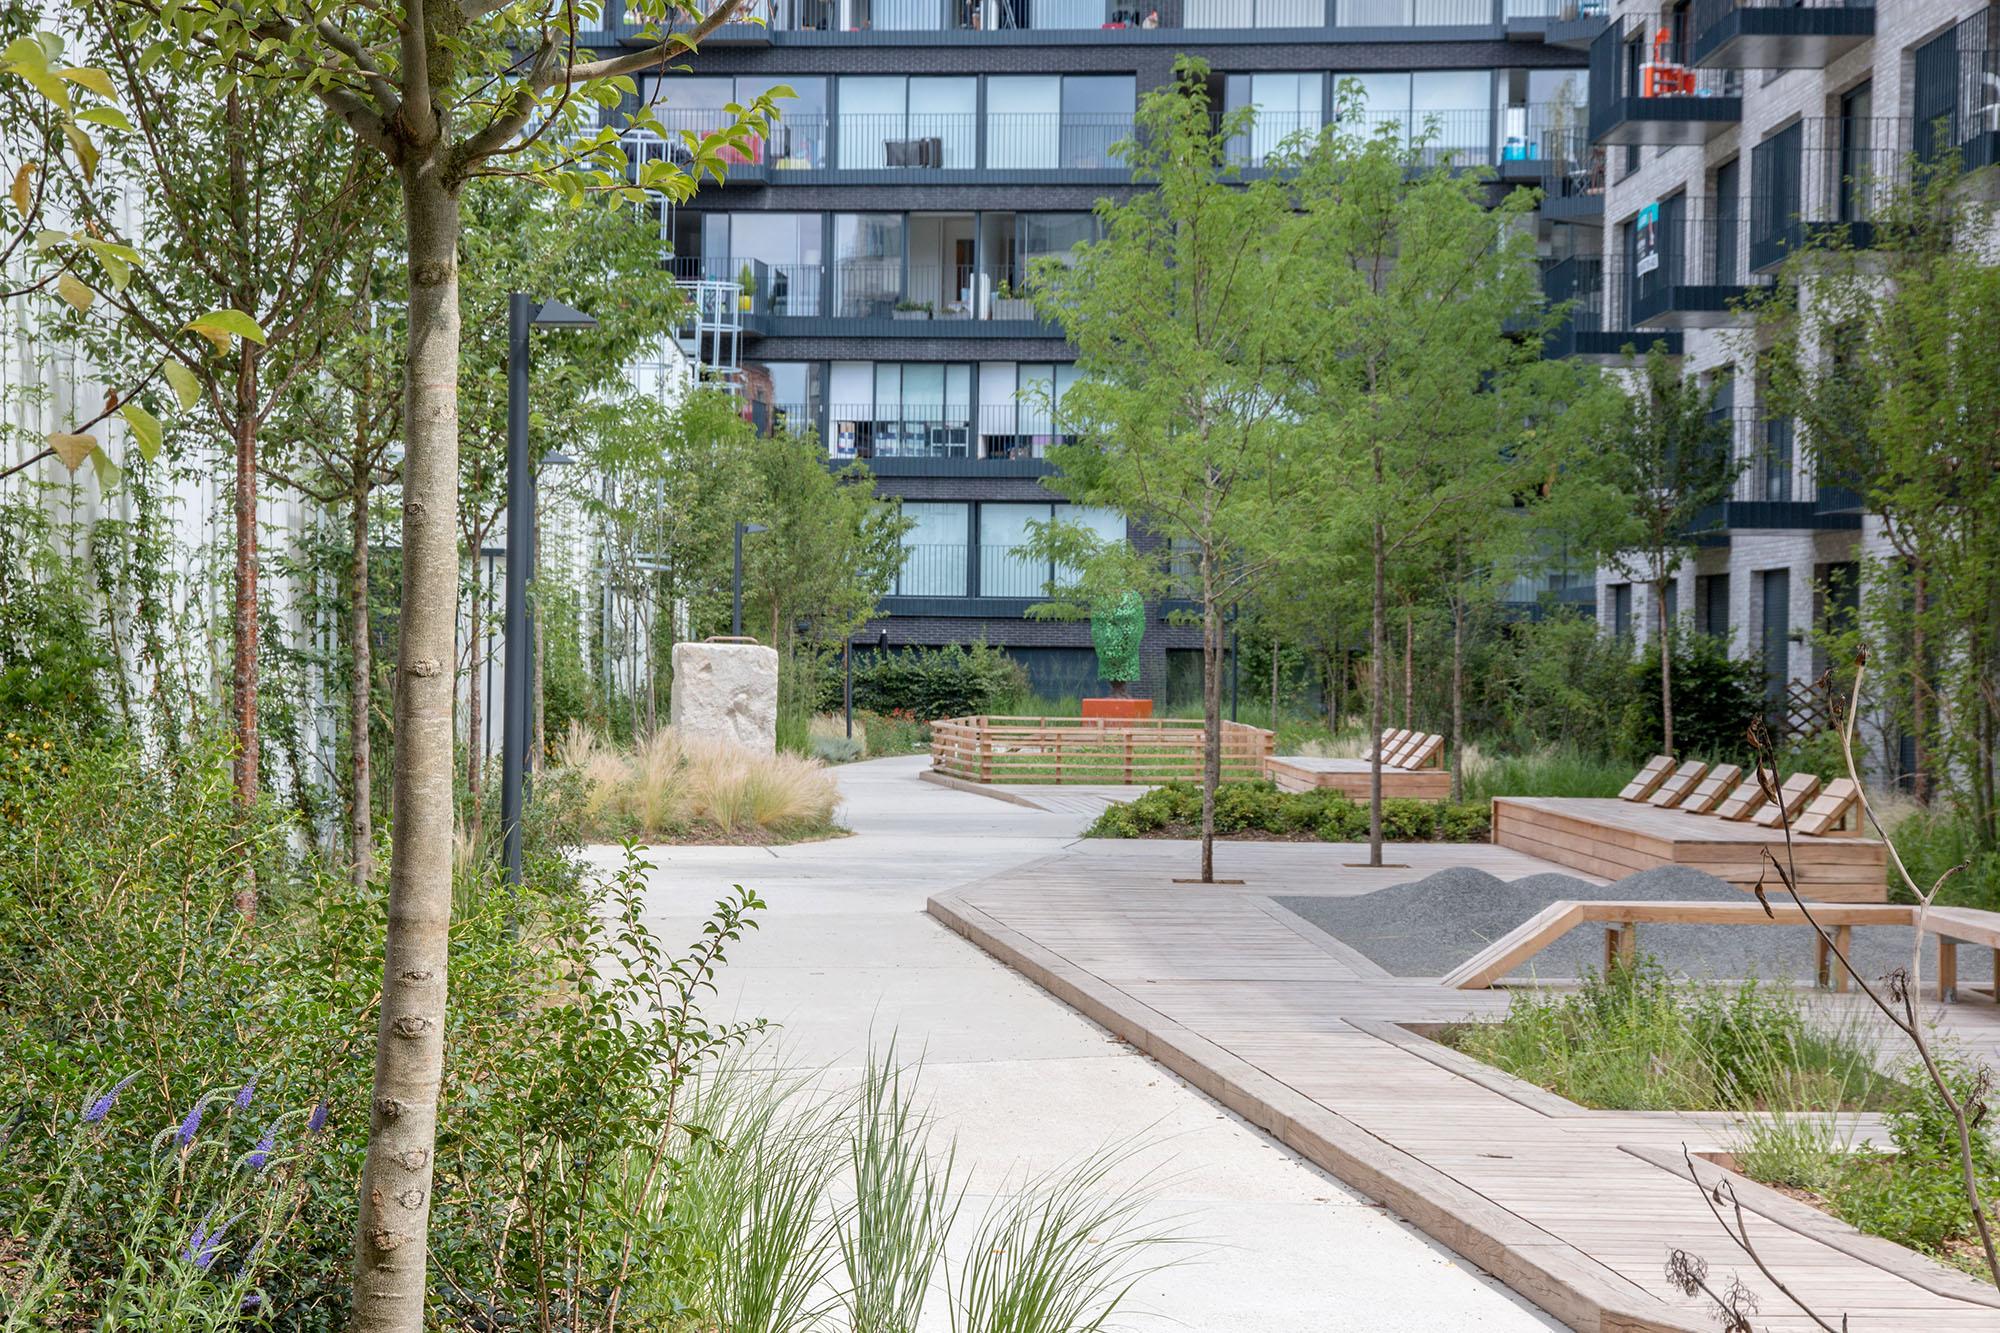 Le jardin communautaire avec l'aire de jeu petite enfance - Opération - Pantin Canal - Emerige